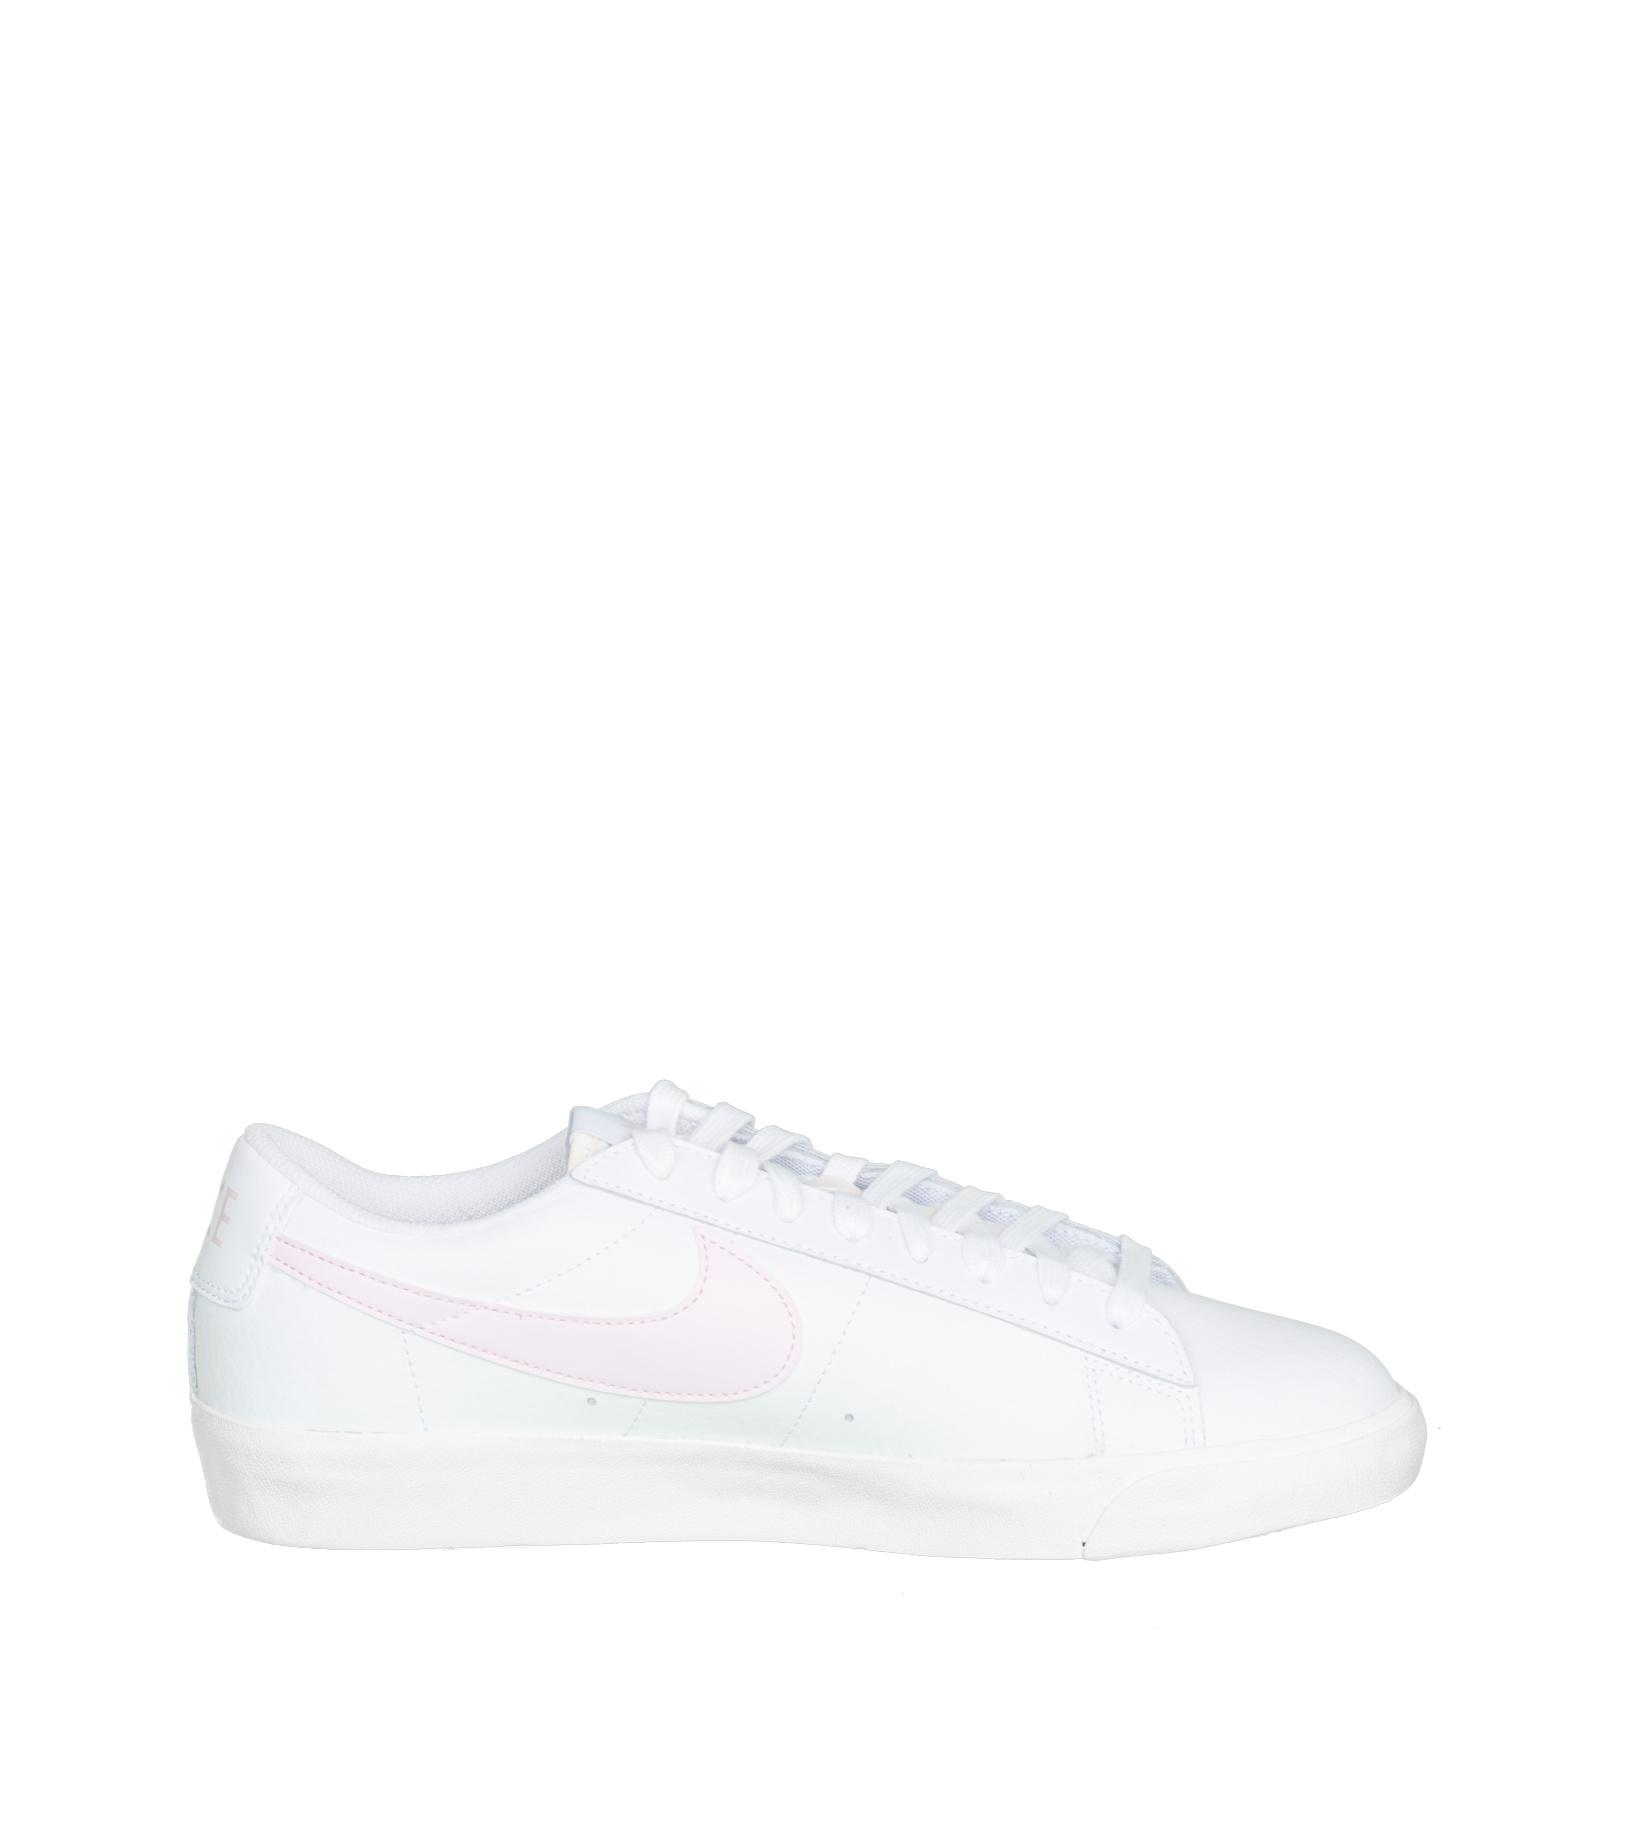 """Blazer Low Leather """"White/Pink Foam""""-4"""